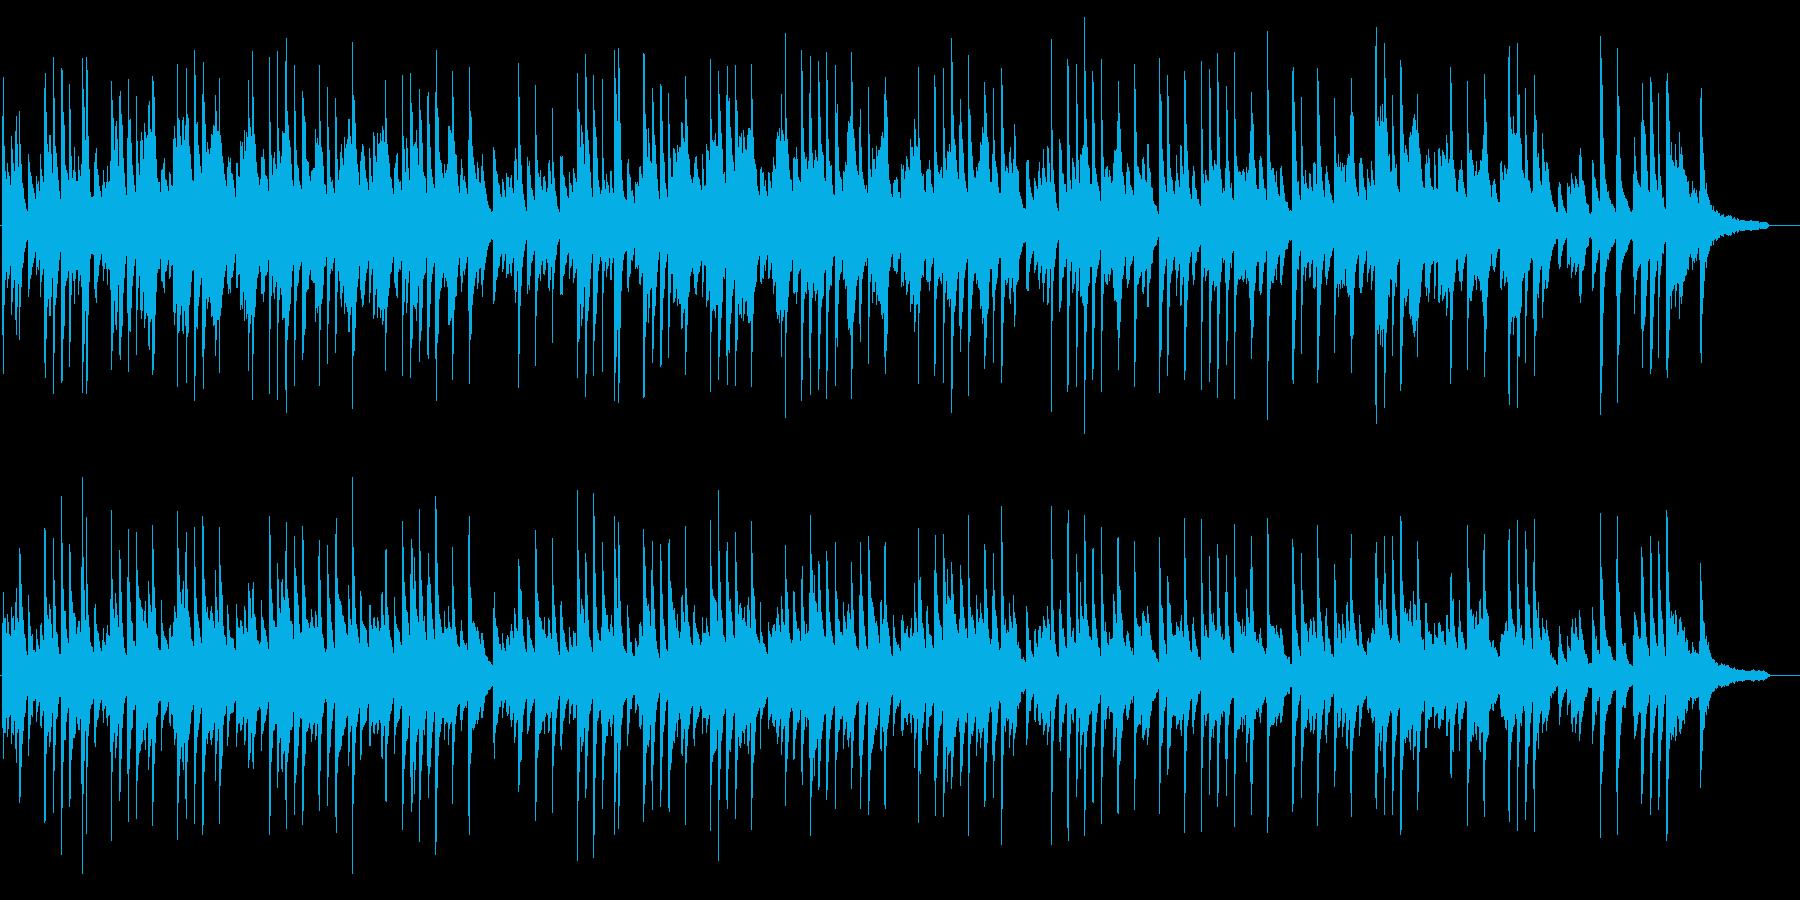 さわやかなイメージのピアノソロBGMの再生済みの波形